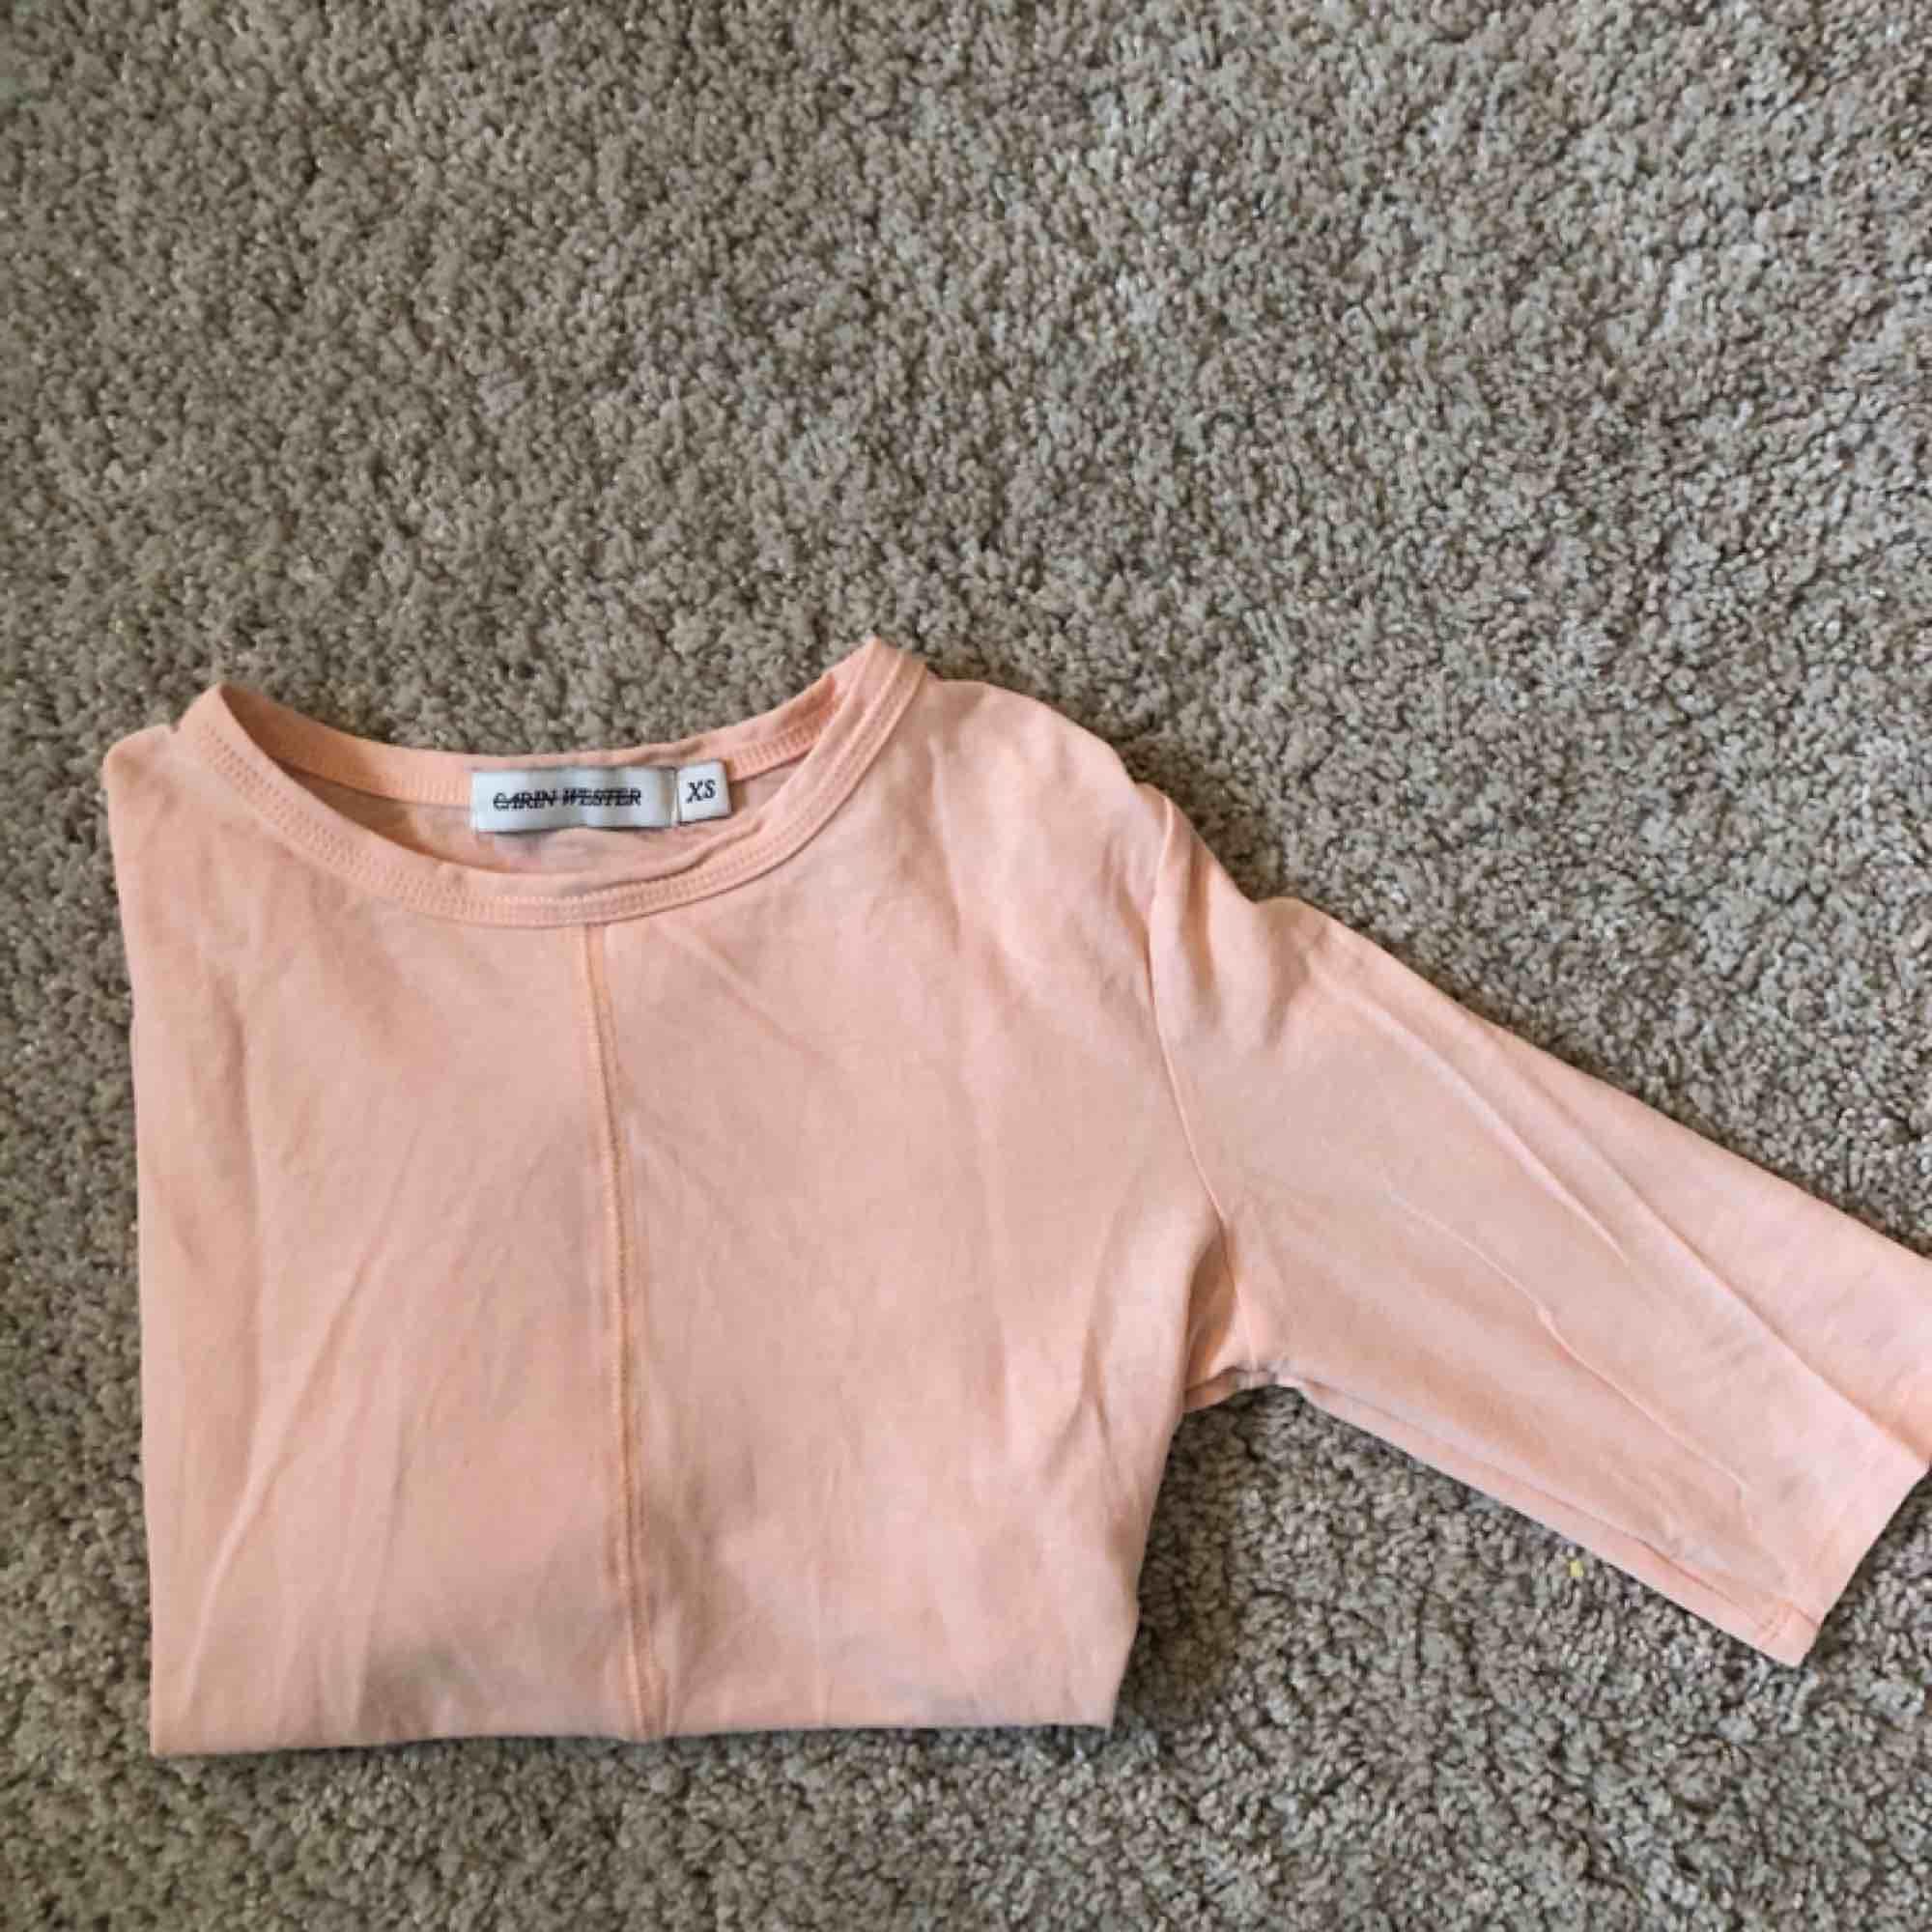 Ljusrosa tröja från Carin Wester. Strl är XS men passar mig som är en S lika bra. Sitter tight! . Blusar.